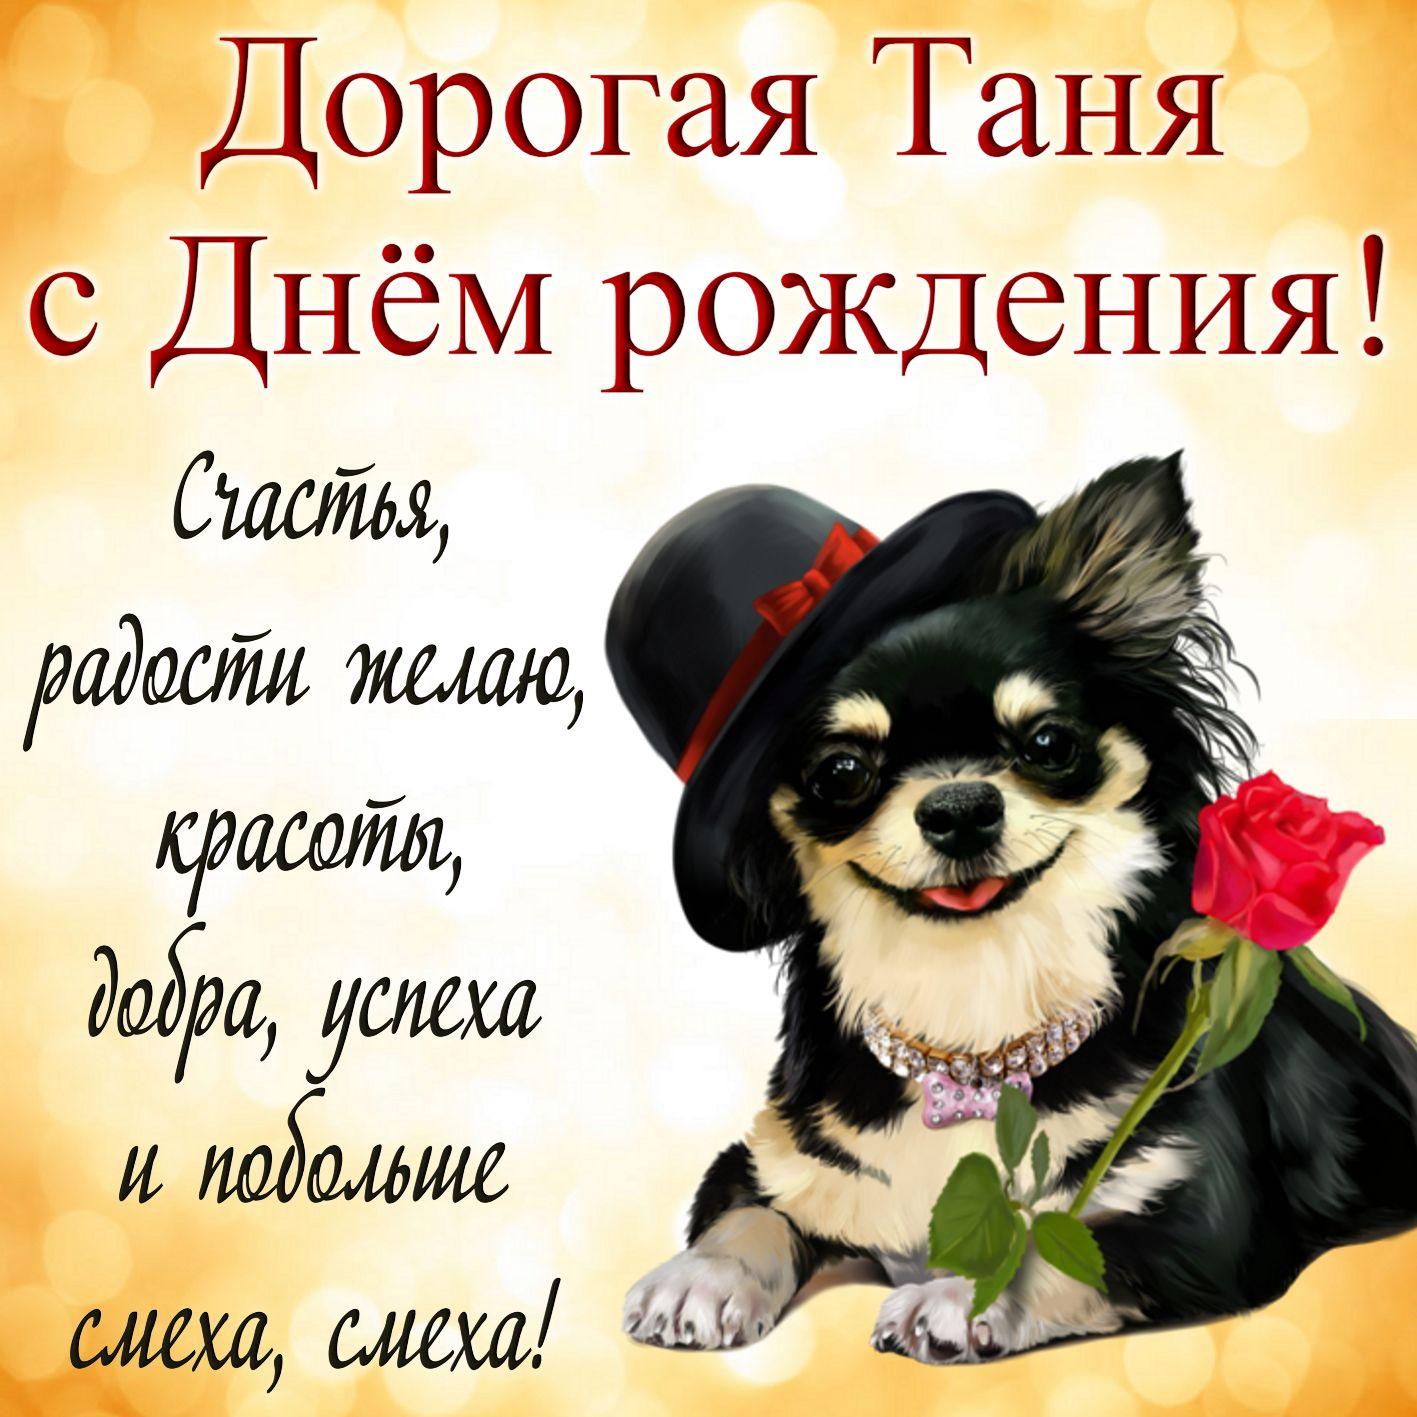 Открытка с собачкой в шляпке и розой